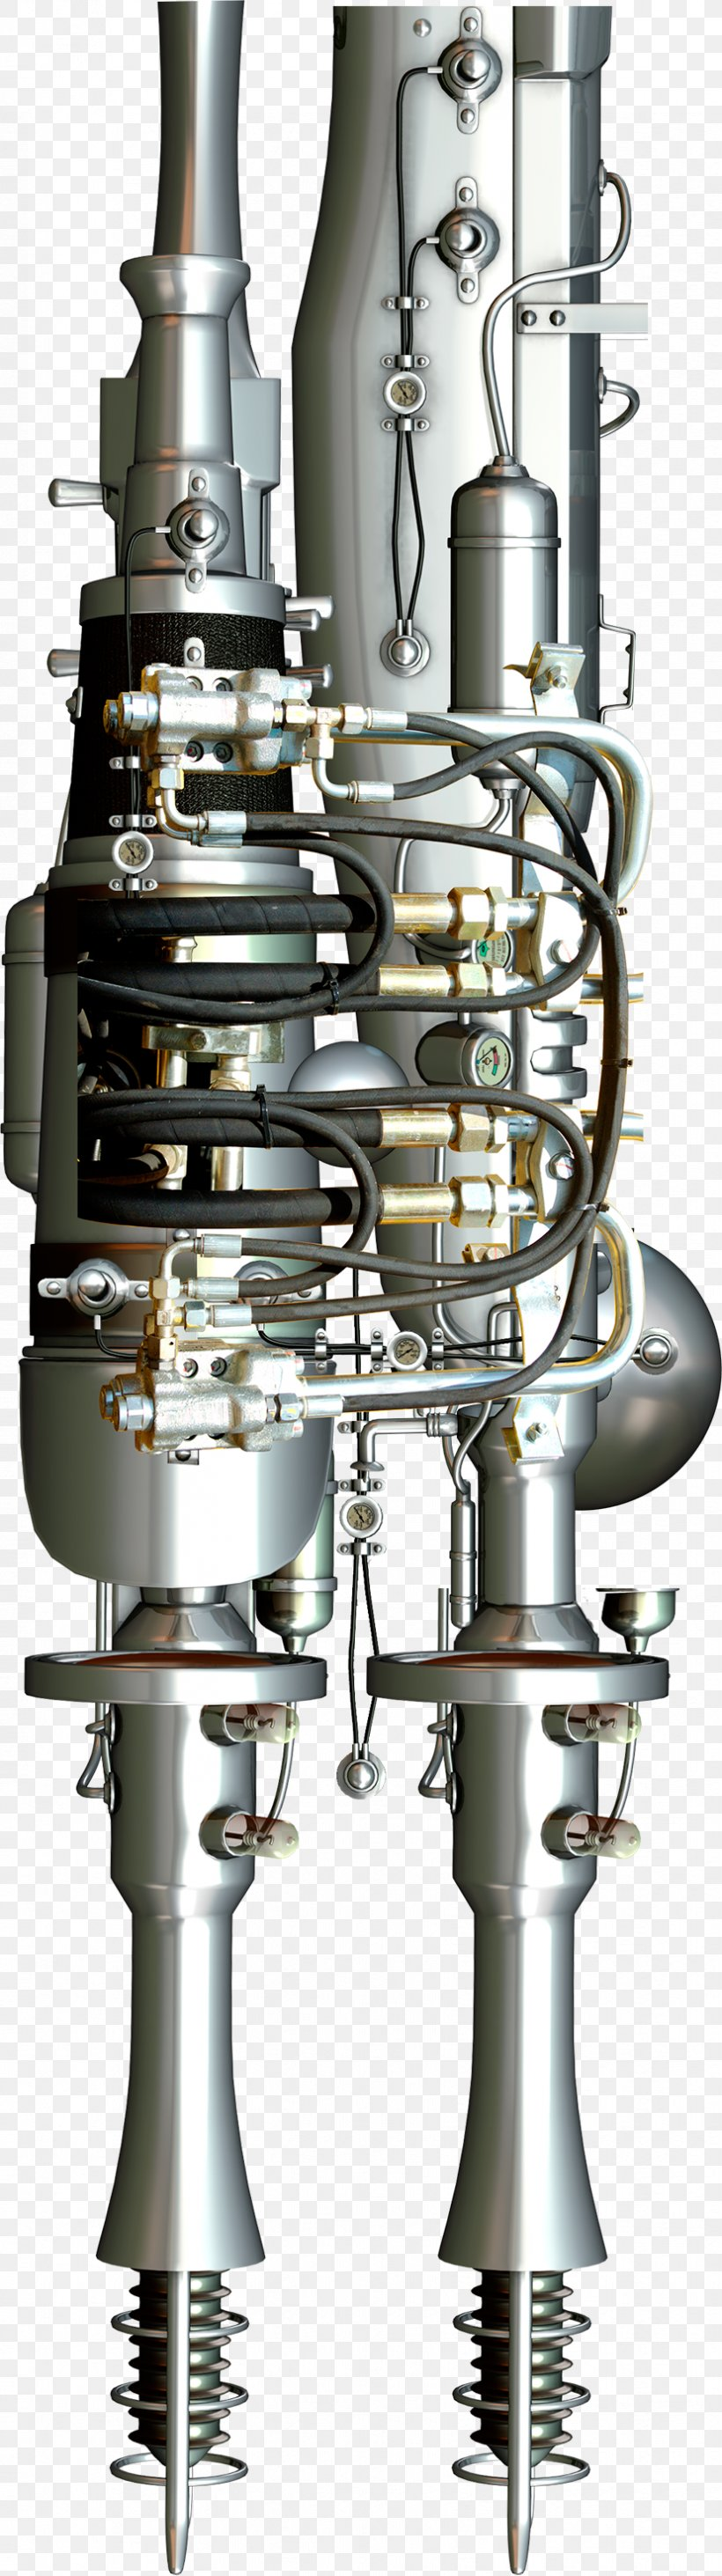 Industrial Revolution Machine Steampunk Steam Engine, PNG, 828x2955px, Industrial Revolution, Hardware Accessory, Industry, Locomotive, Machine Download Free